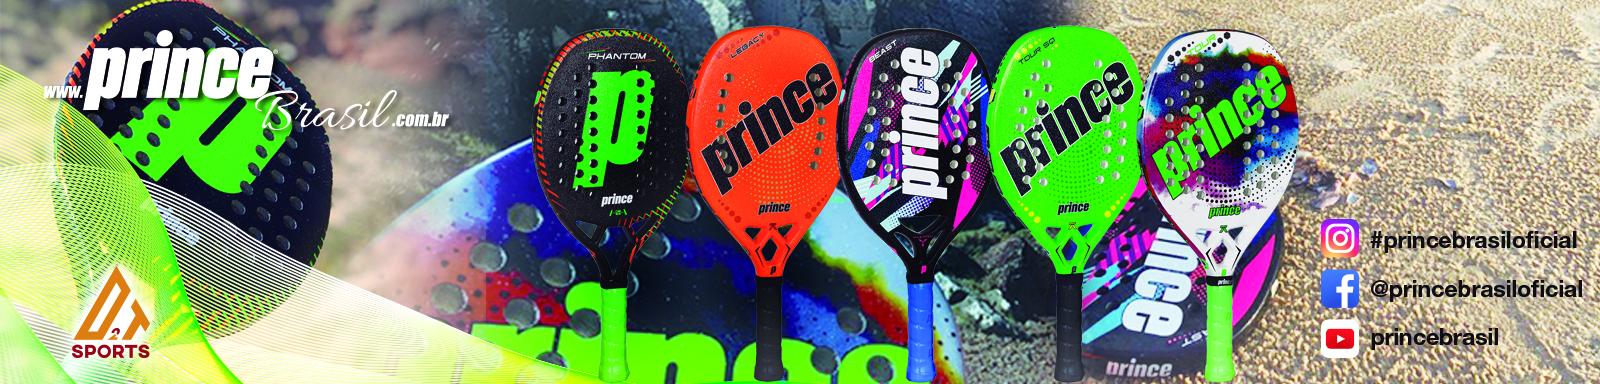 Beach tennis coleção 2021